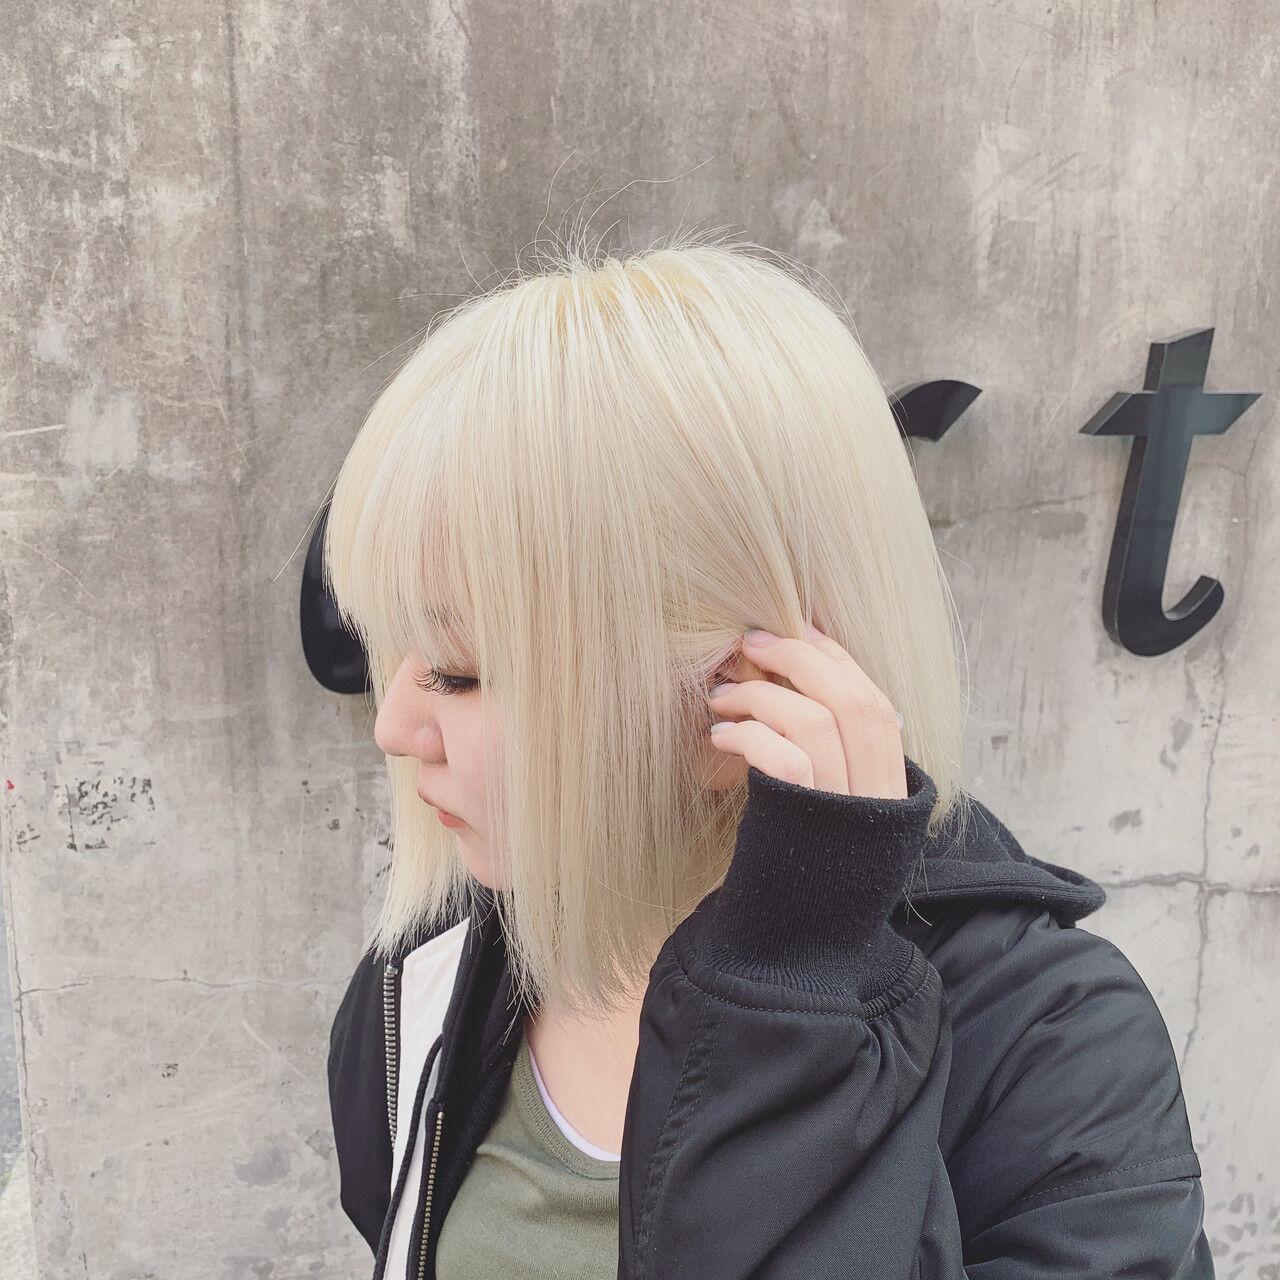 モード バレイヤージュ ハイトーン ボブヘアスタイルや髪型の写真・画像